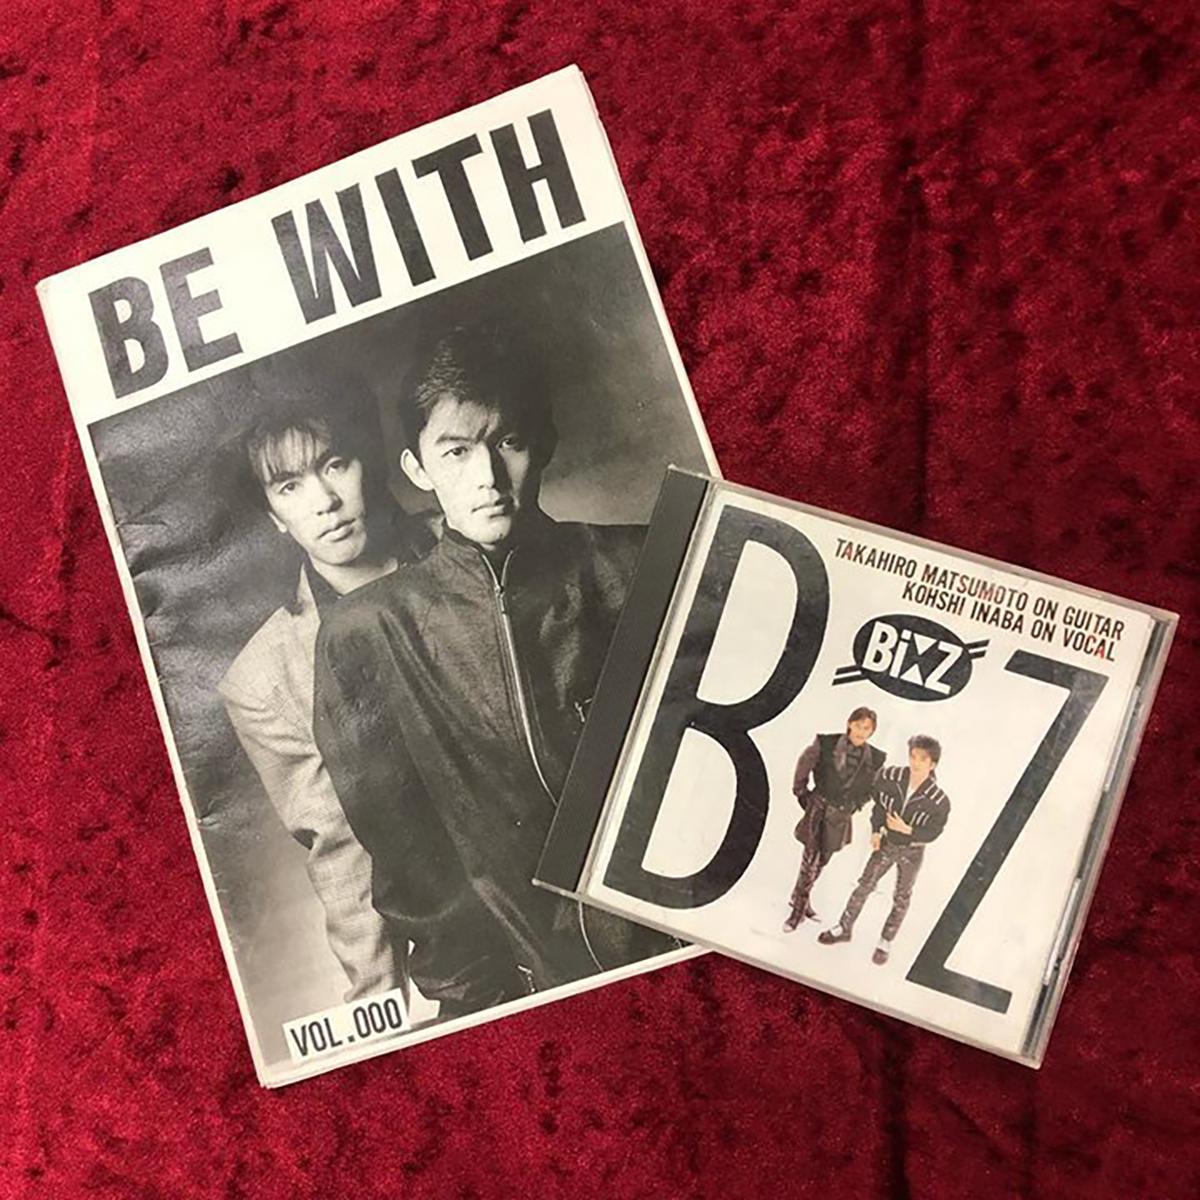 「be with vol.000」とアルバム『B'z』の写真